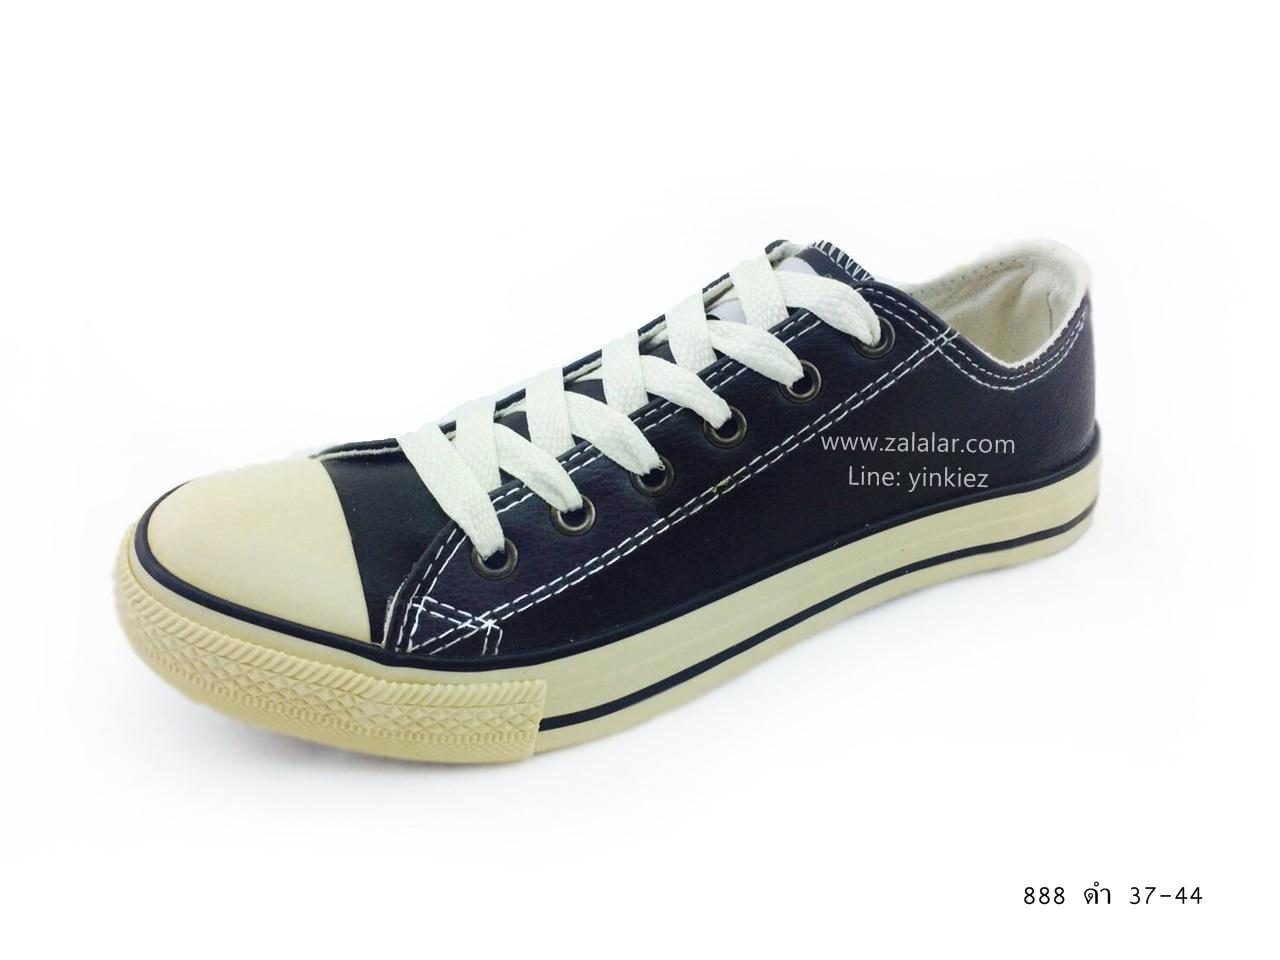 [พร้อมส่ง] รองเท้าผ้าใบแฟชั่น รุ่น 888 สีดำ แบบหนัง